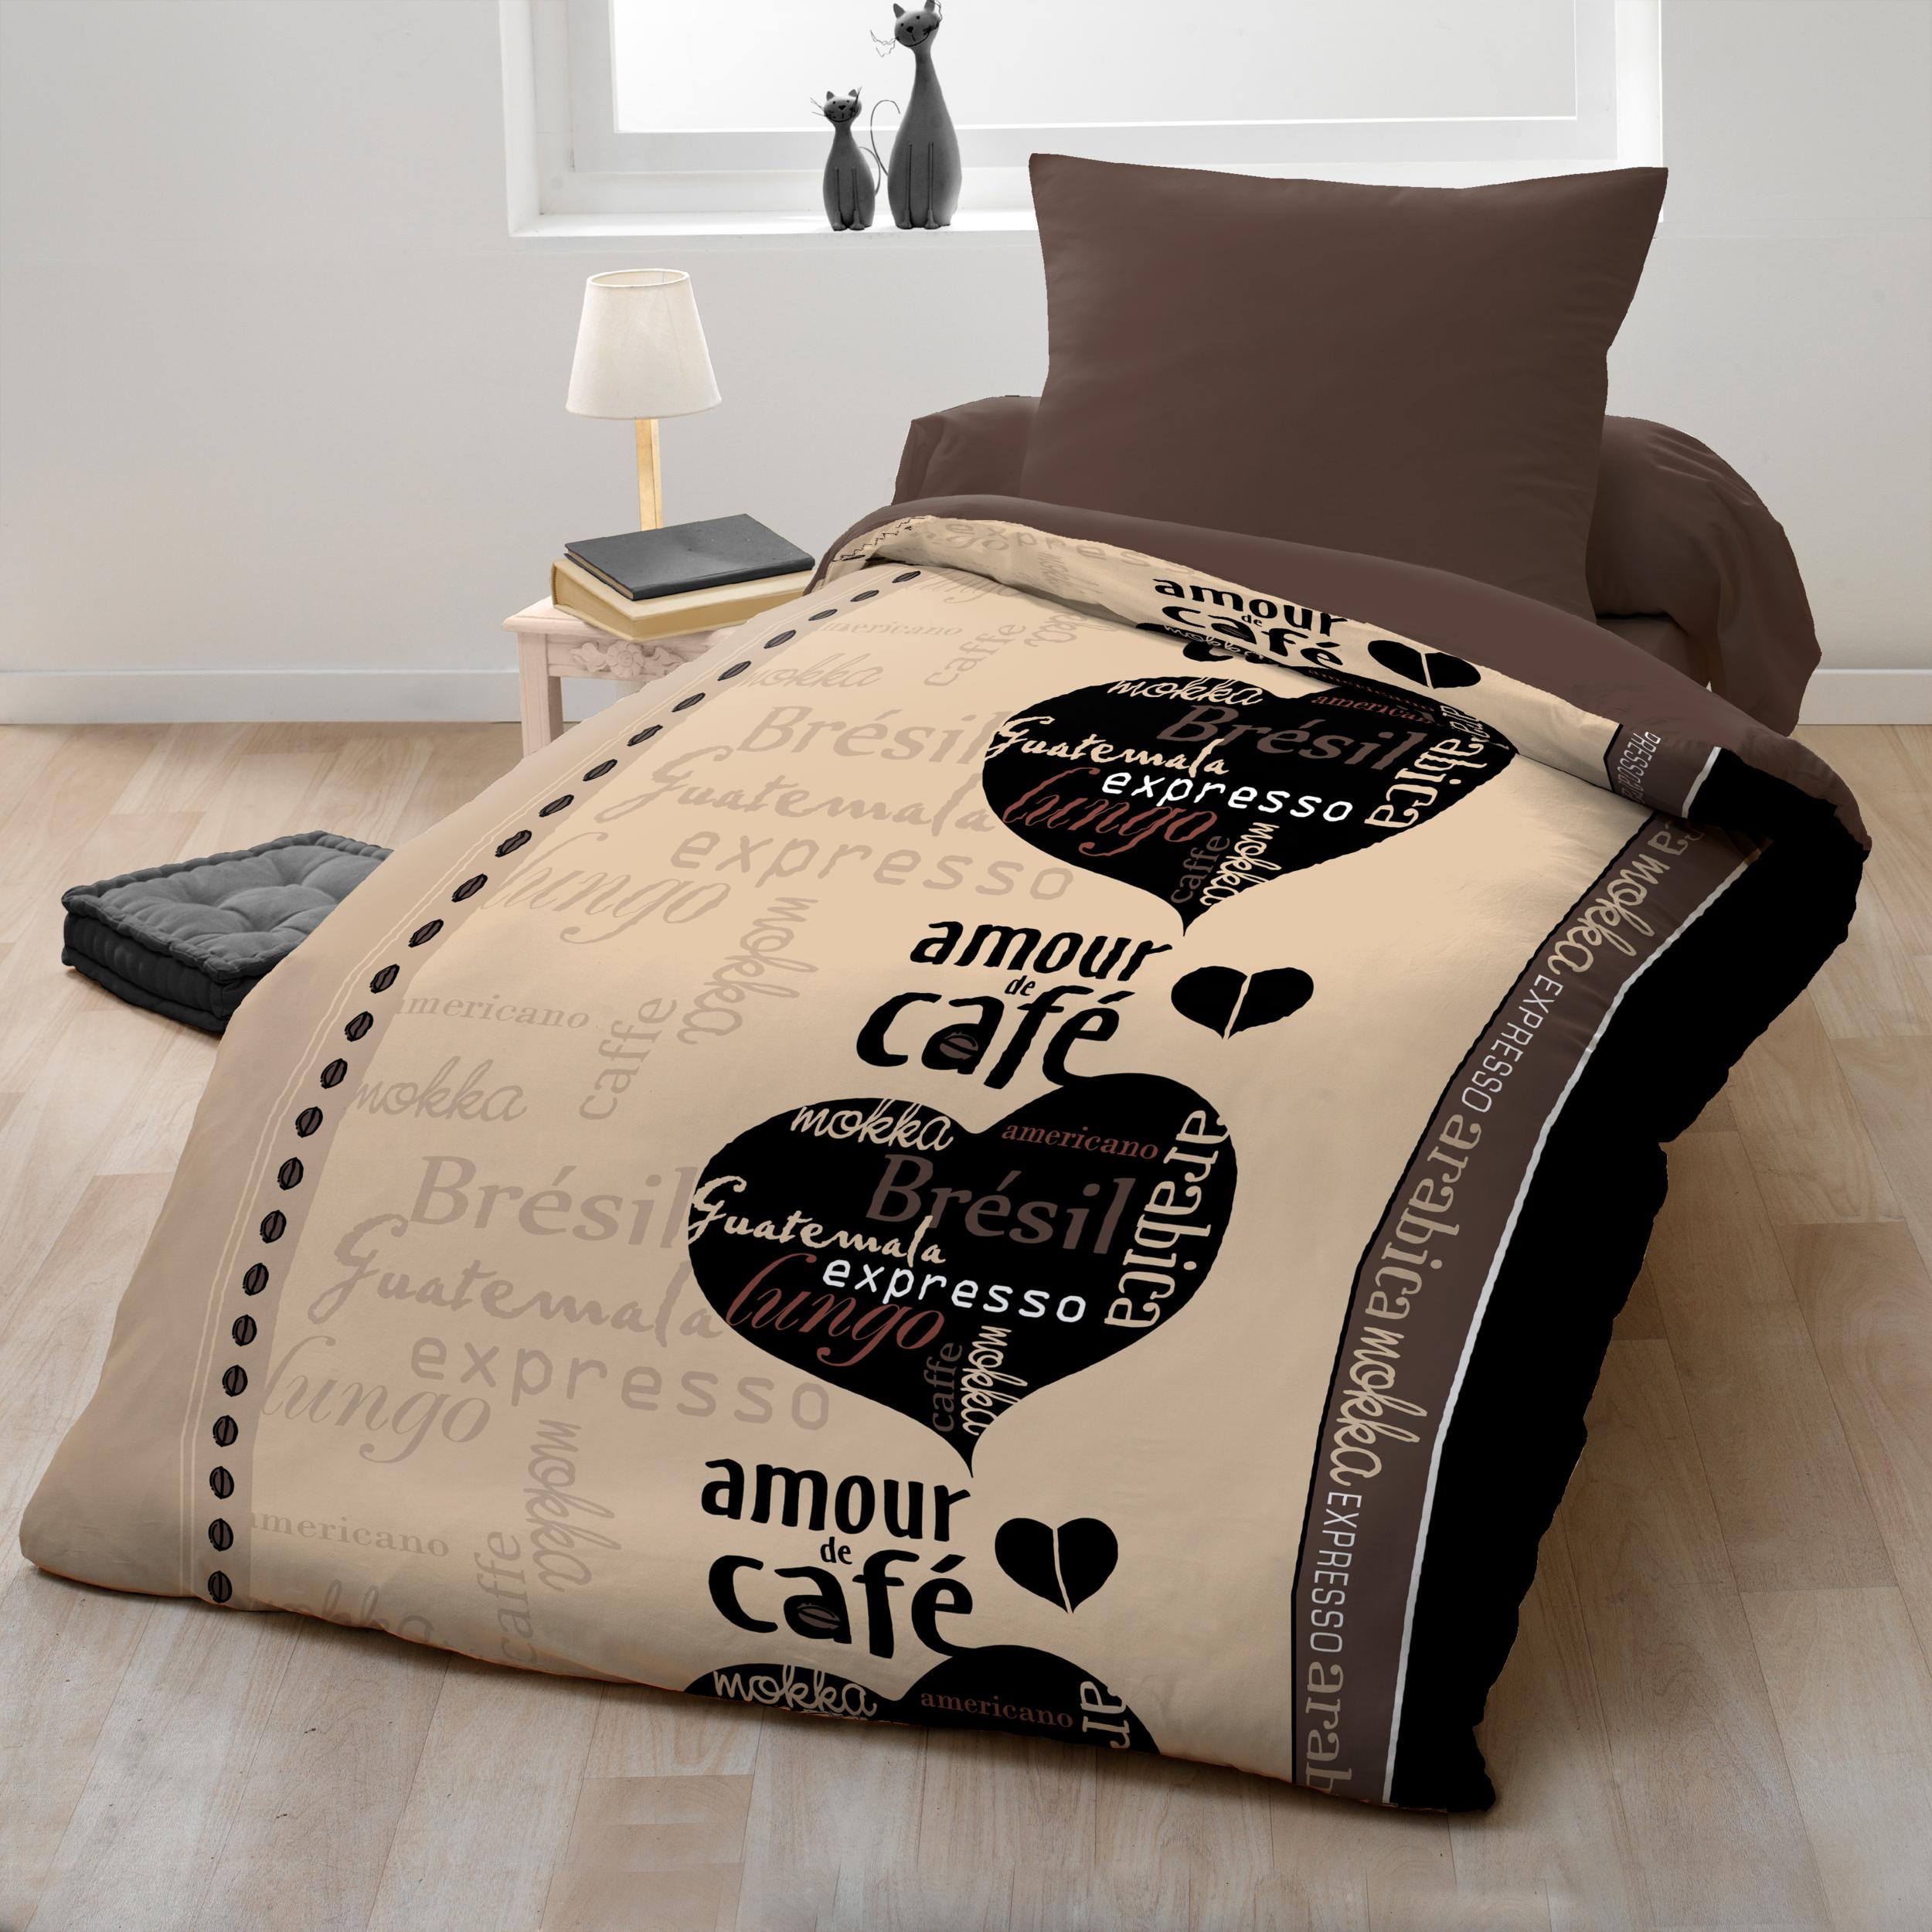 Parure de couette microfibre 2pcs 140x200 amour de cafe